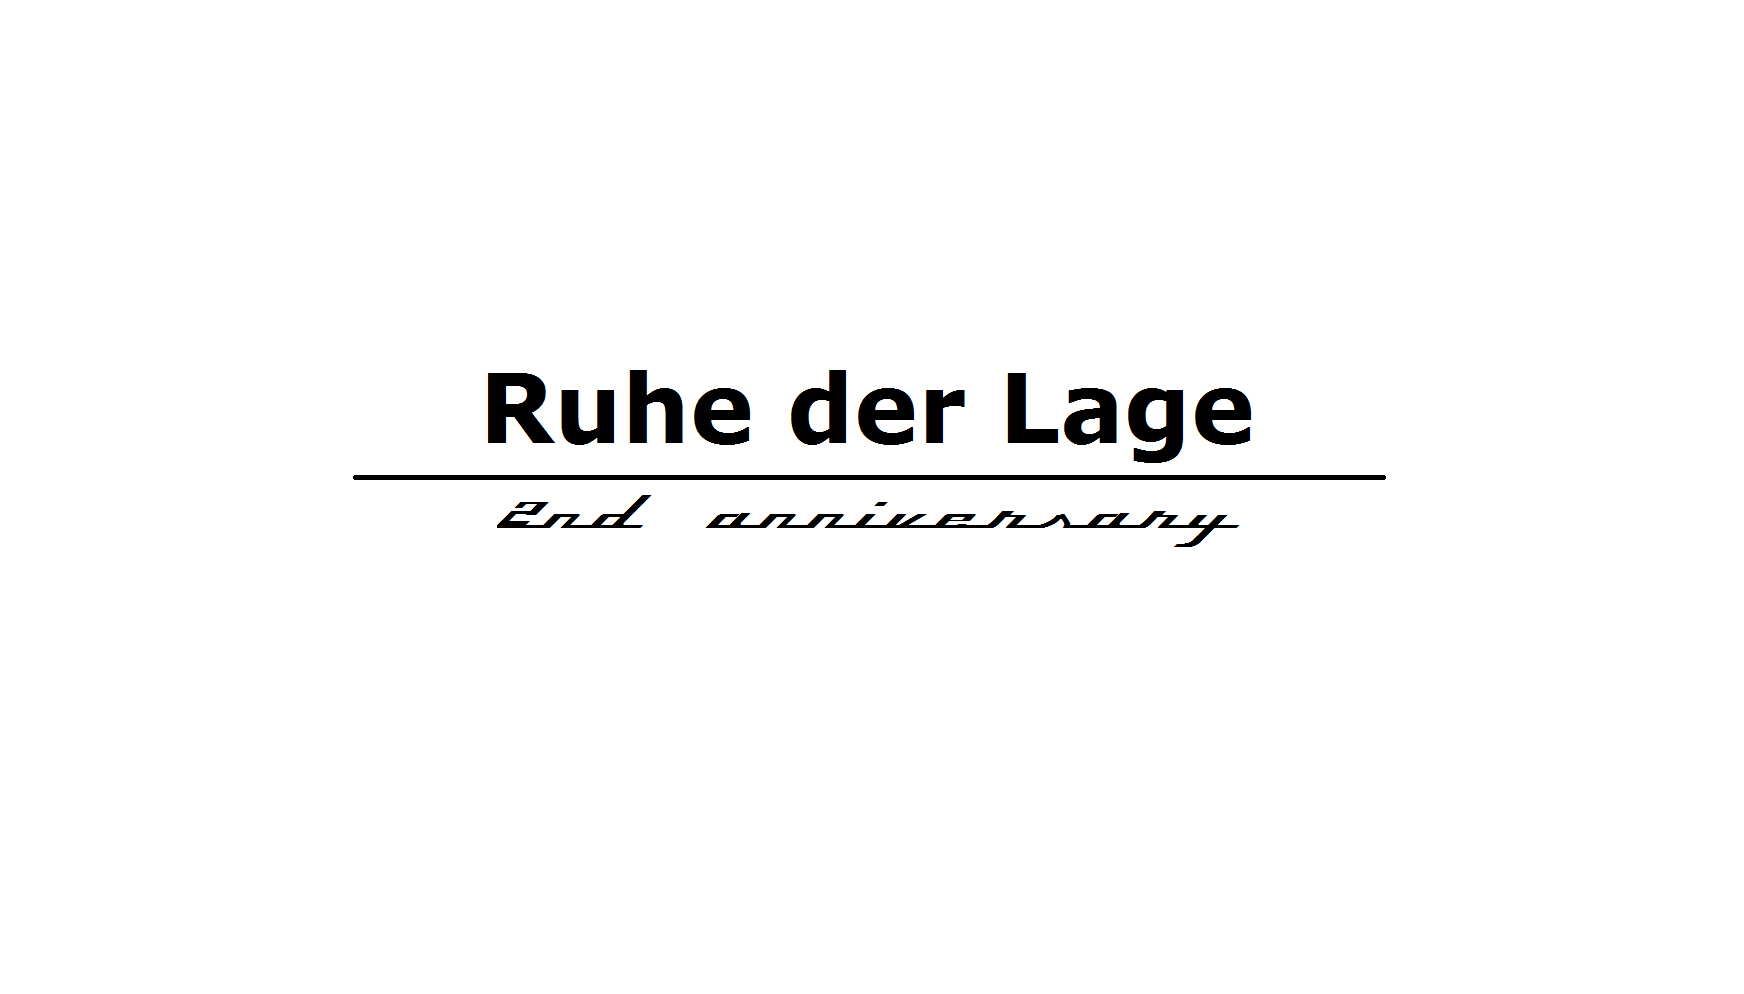 _RuhederLage1.png